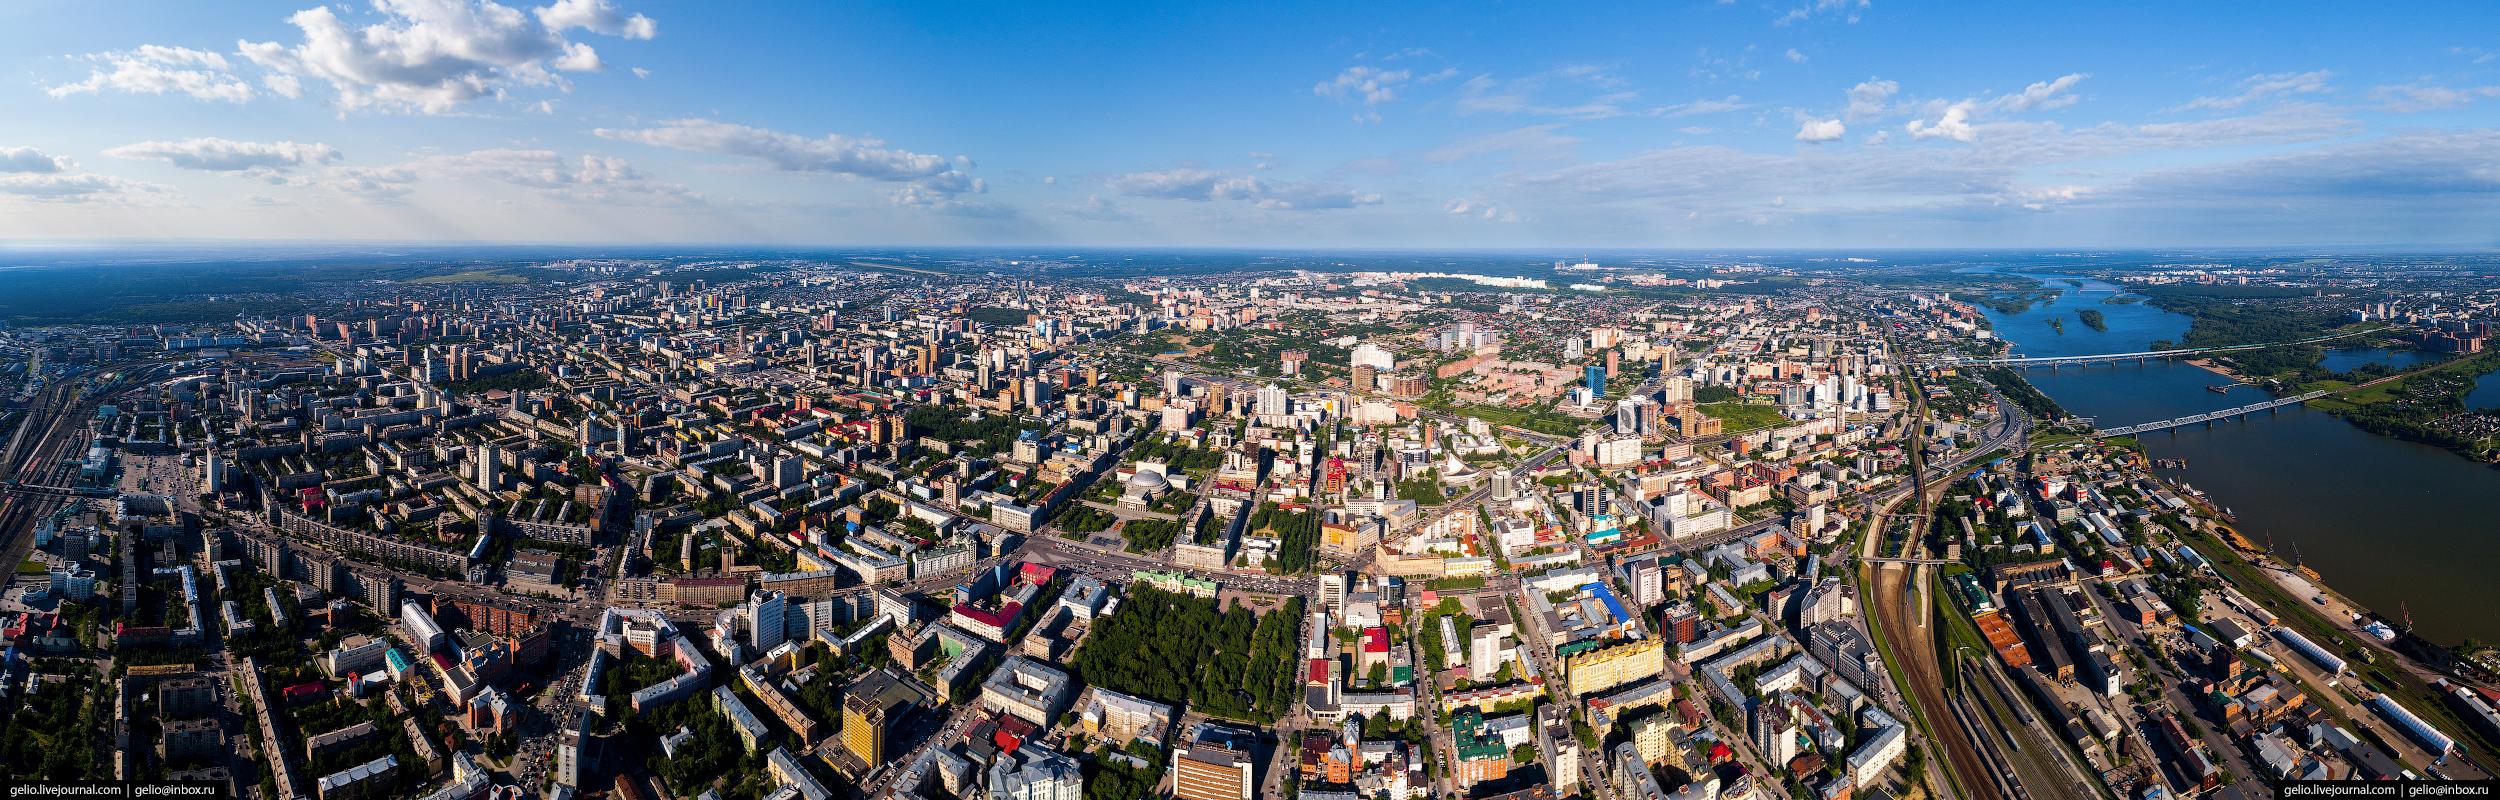 Новосибирск с высоты, панорама